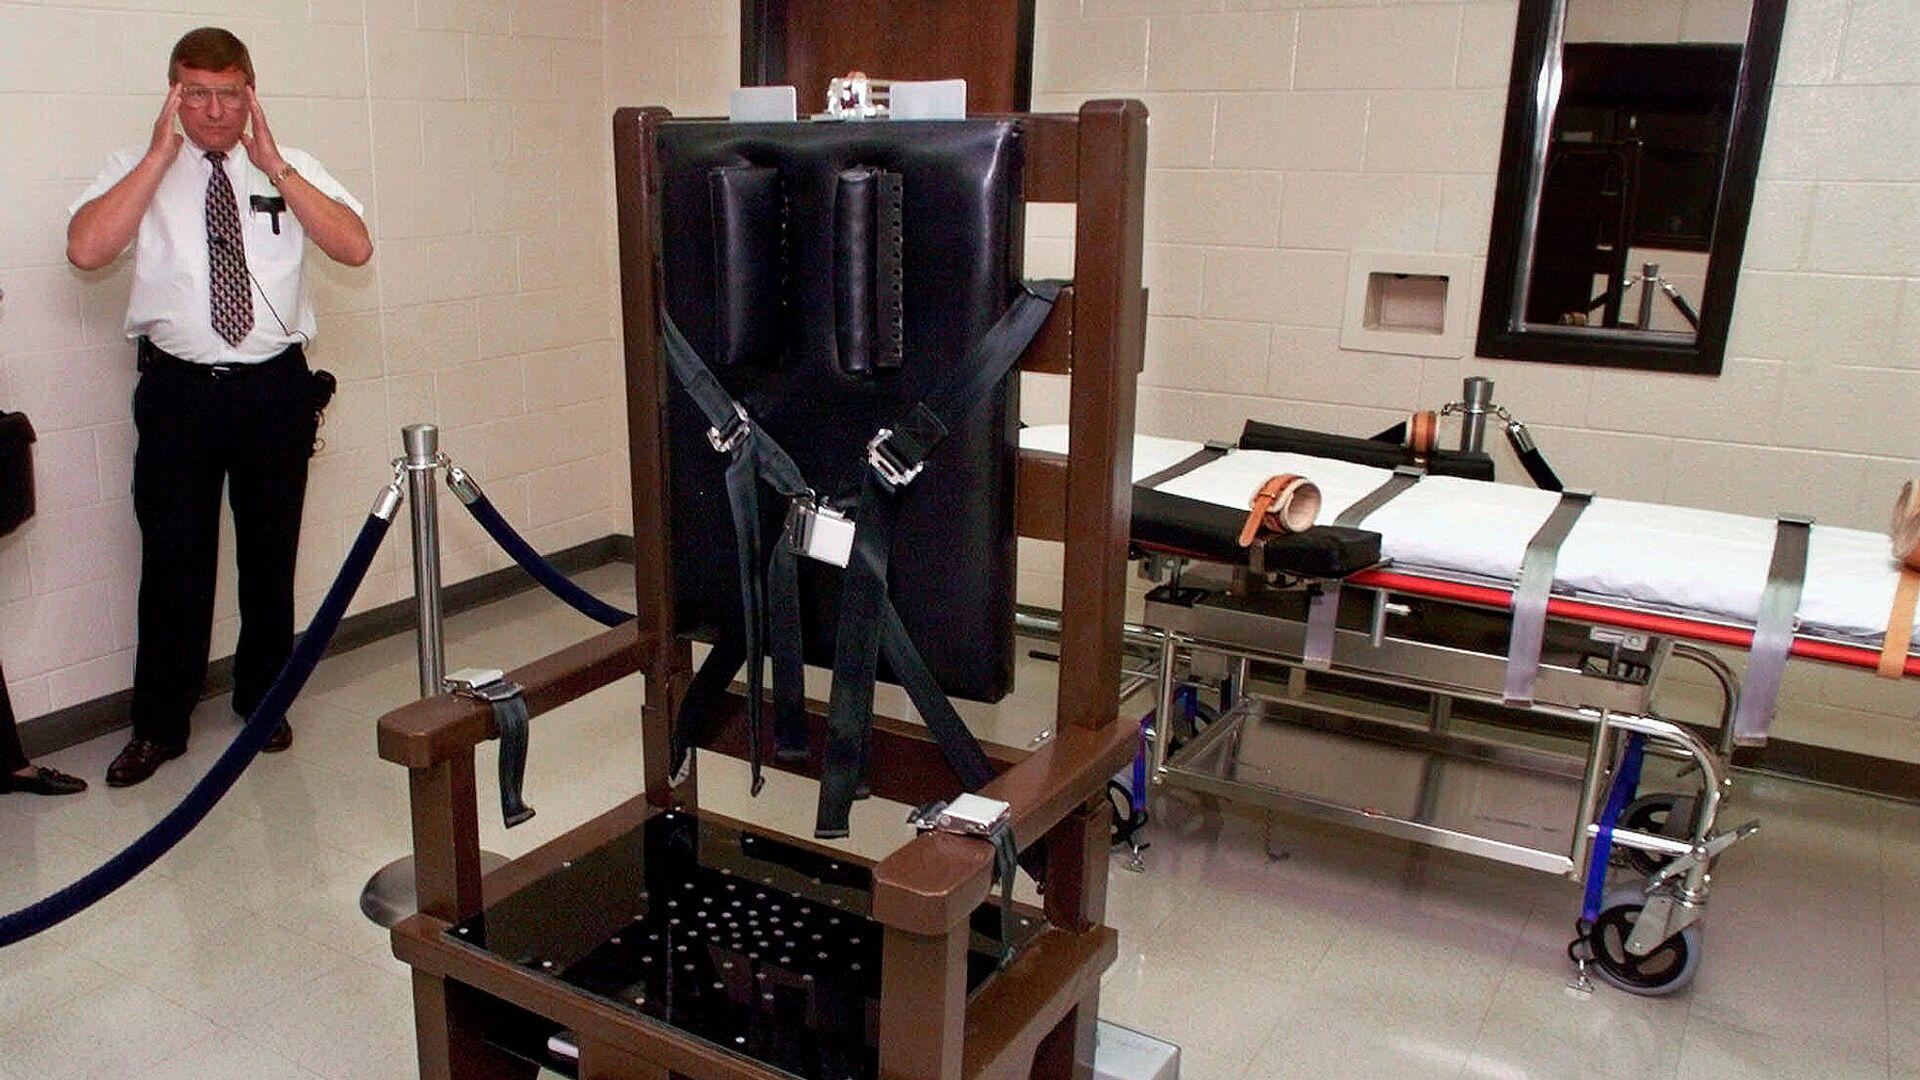 Электрический стул в тюрьме Riverbend Maximum Security Institution в Нэшвилле, штат Теннесси, США - РИА Новости, 1920, 18.05.2021